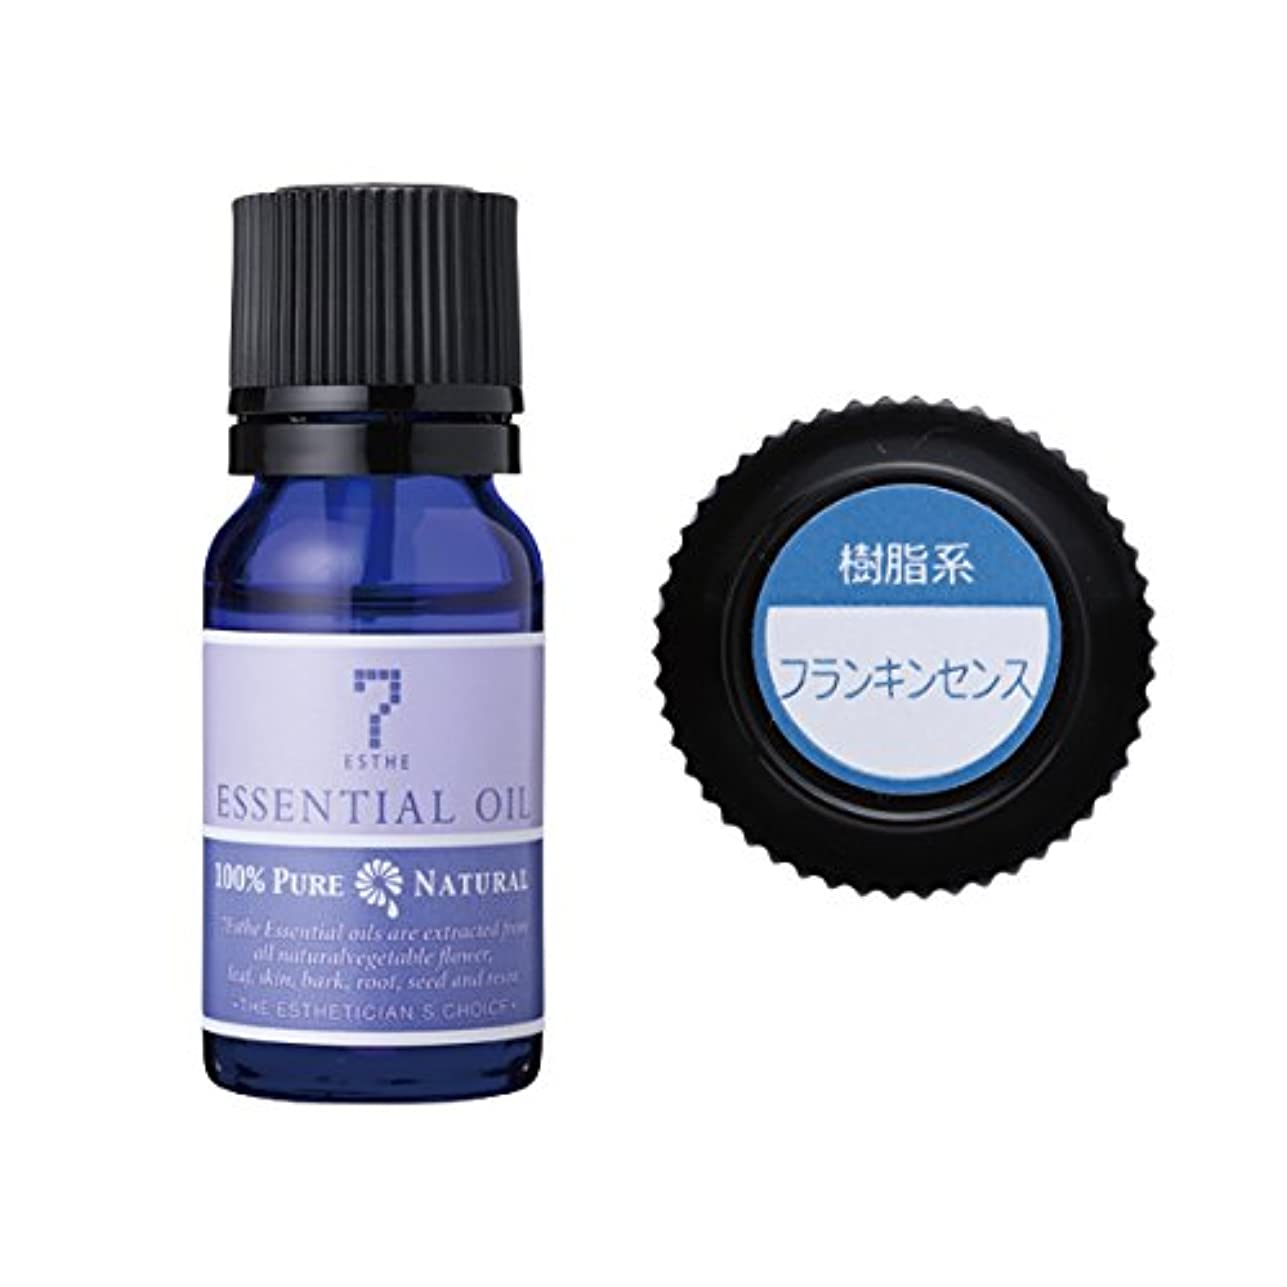 広げるメトロポリタン受粉者7エステ エッセンシャルオイル フランキンセンス 10ml アロマオイル 精油